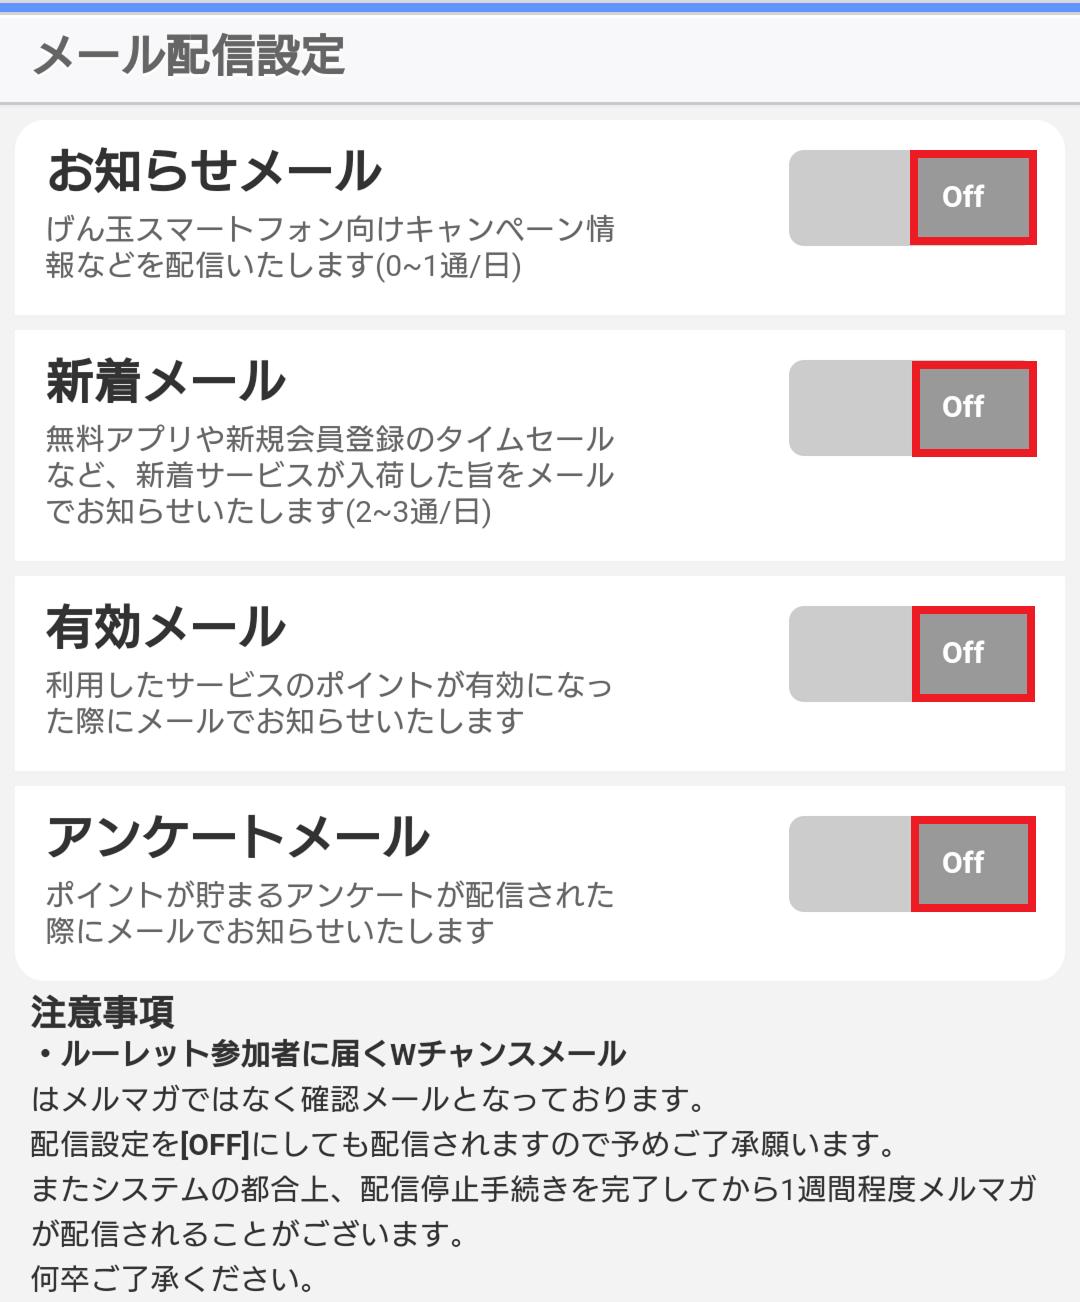 【げん玉】メールマガジン配信停止方法の仕方   日本ポイント ...